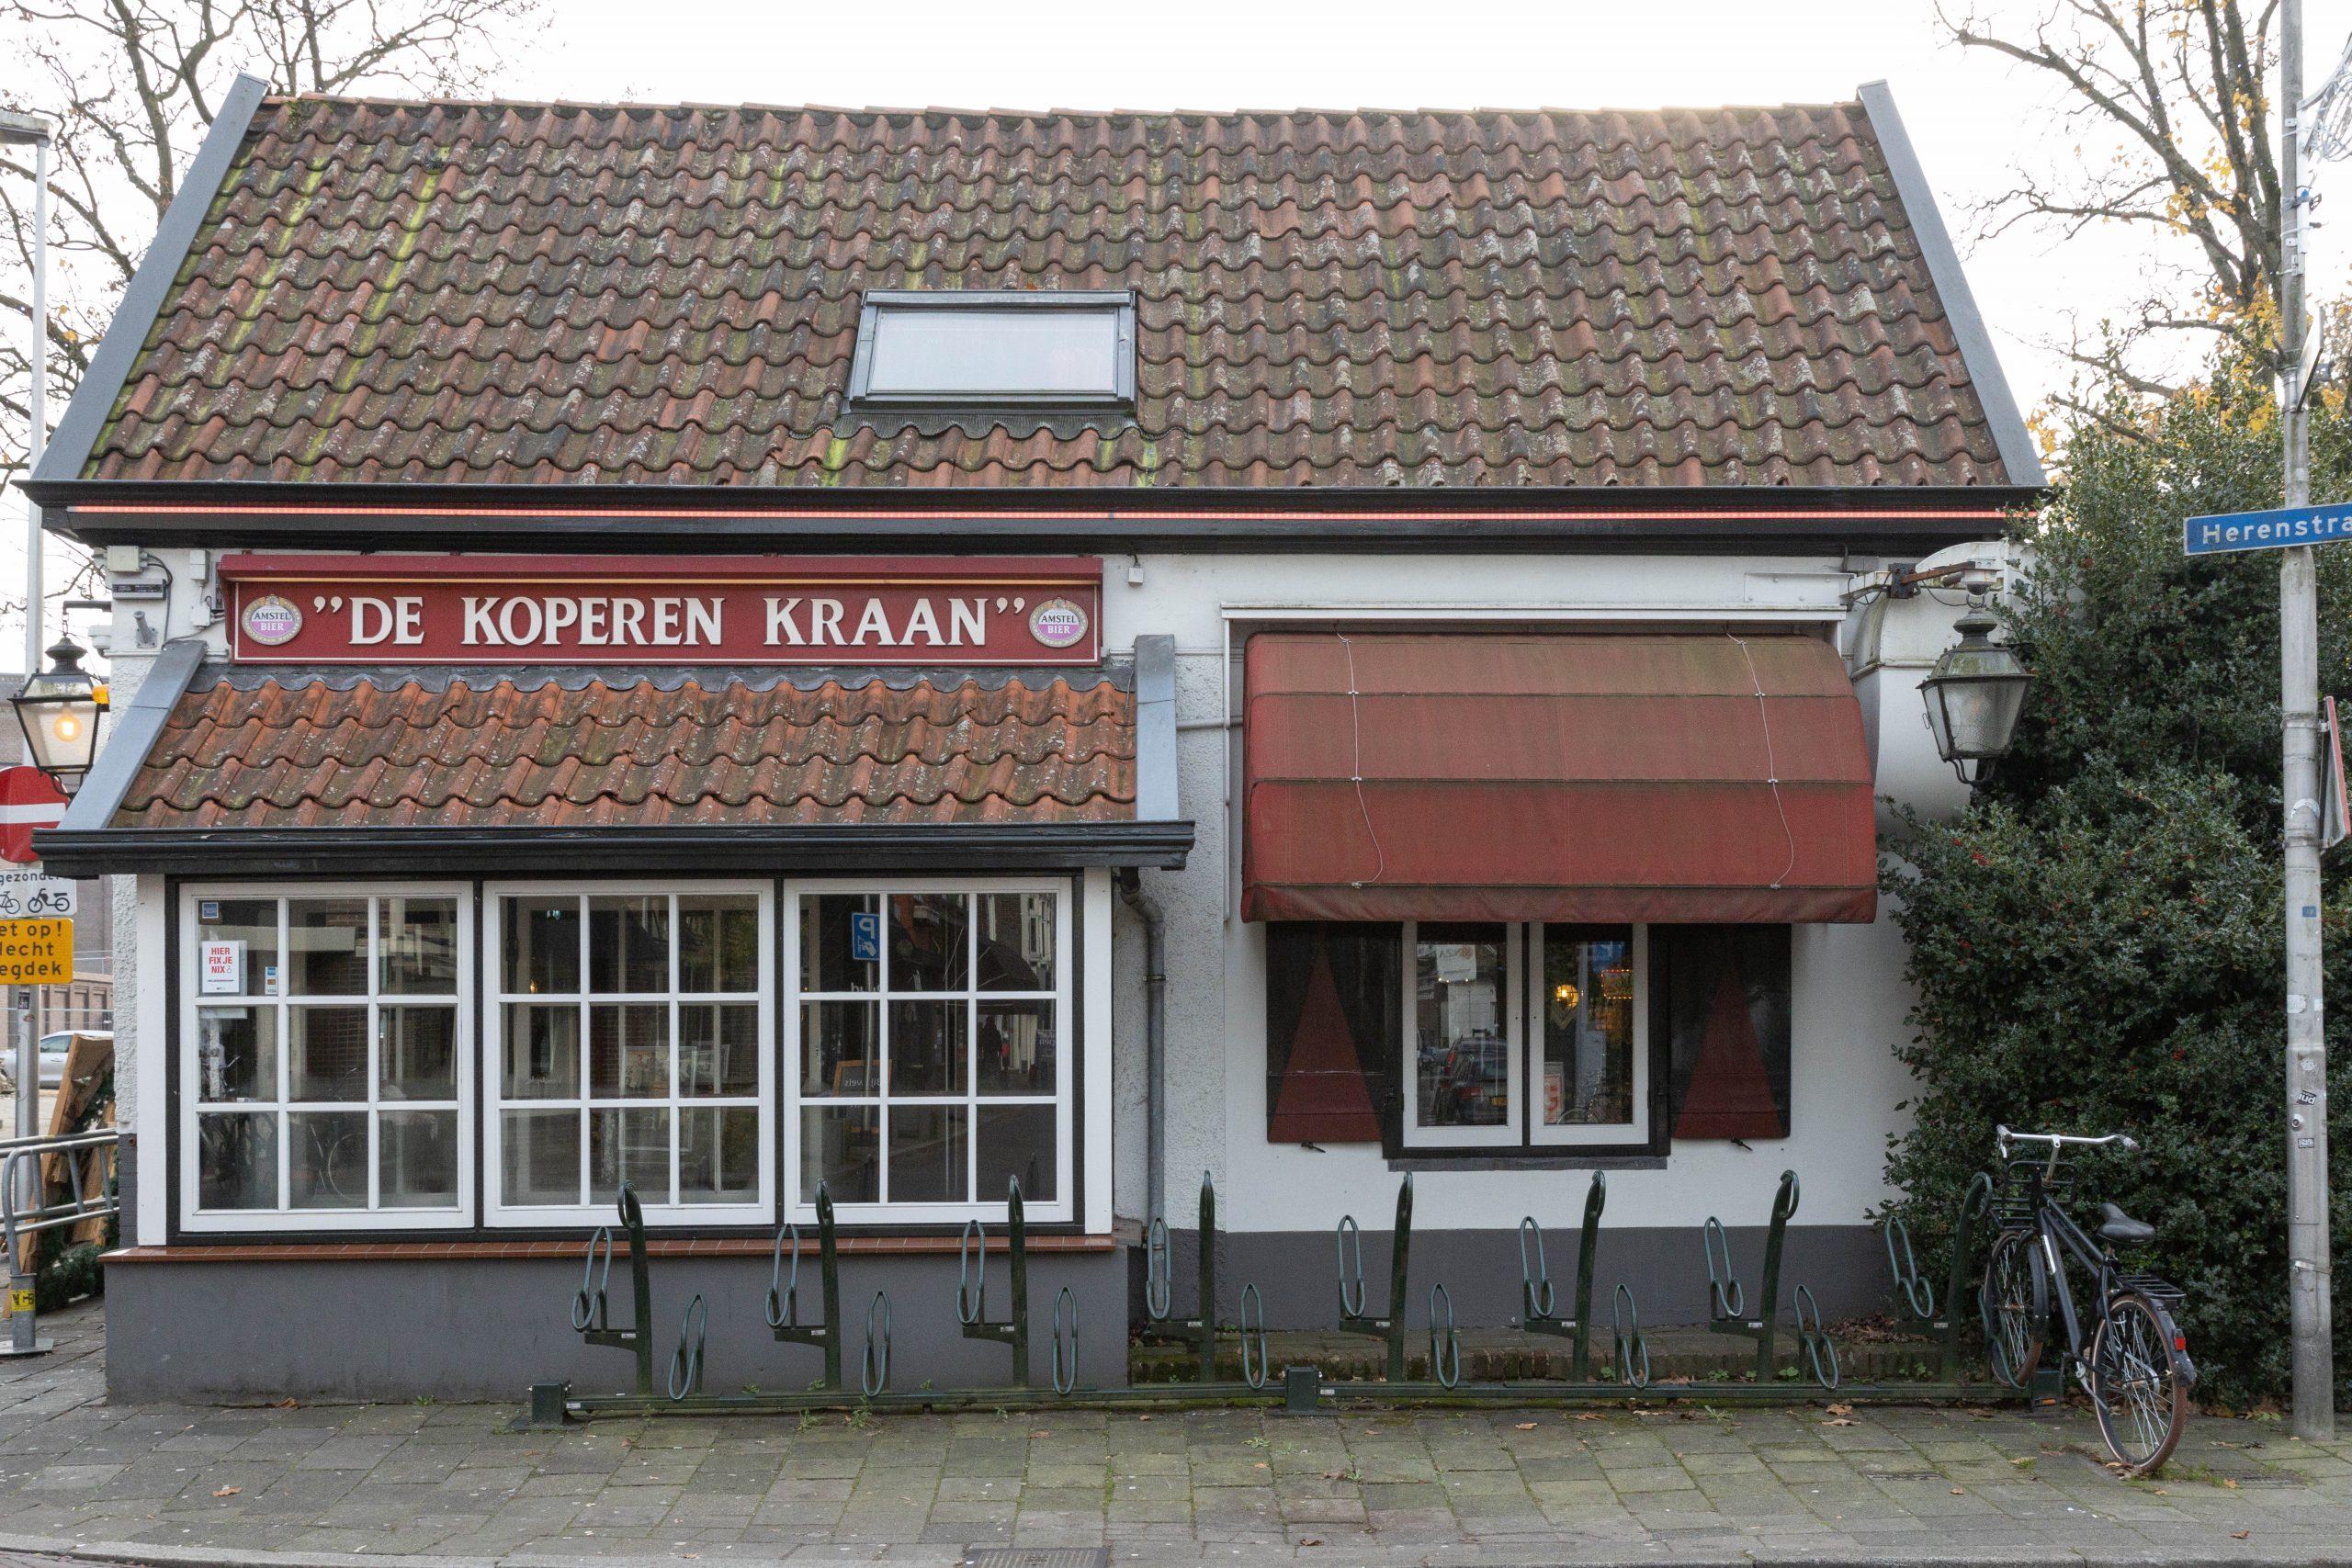 De Koperen Kraan